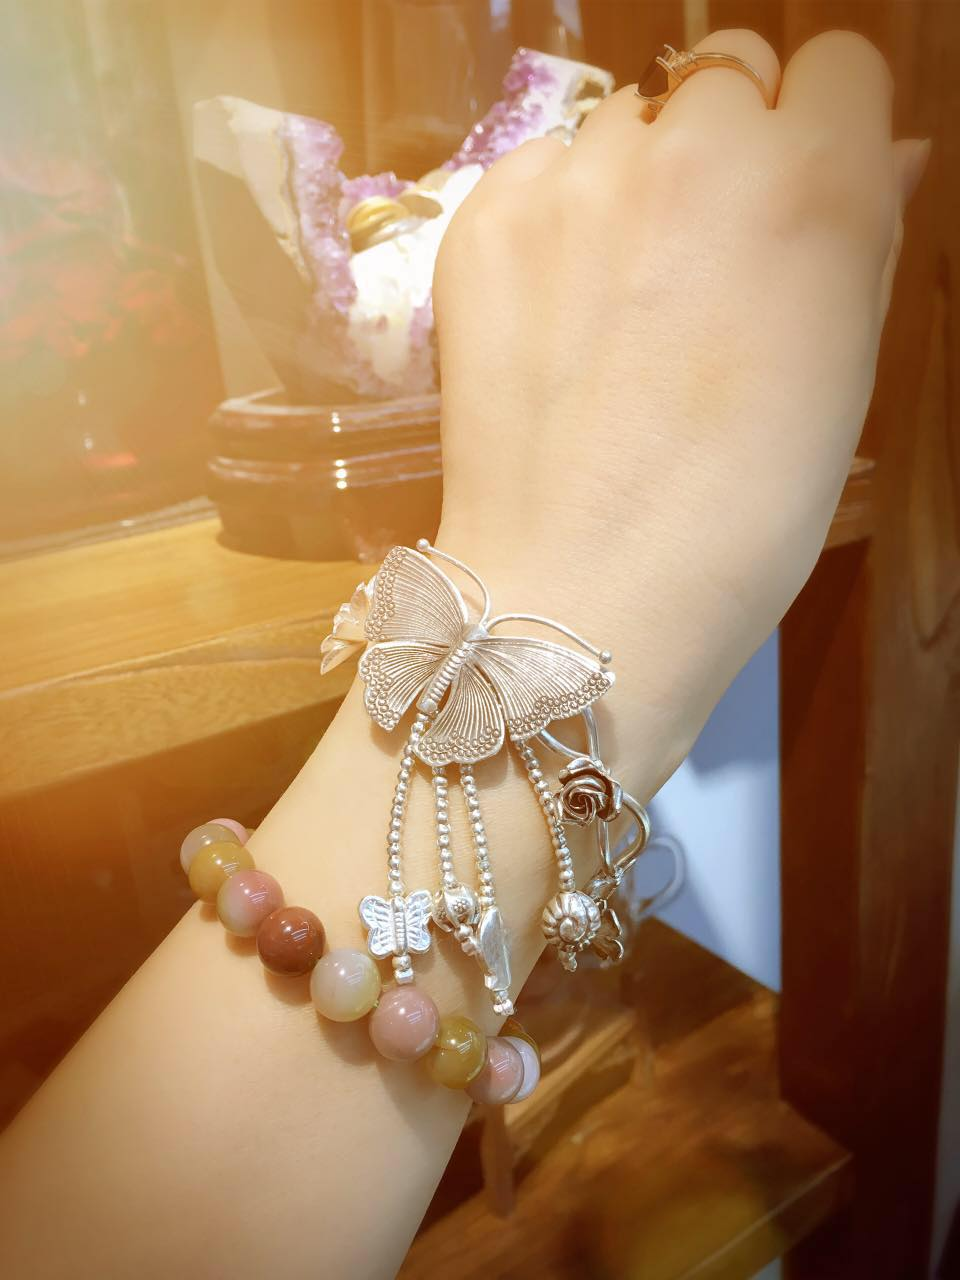 Thailand handgemaakte zilveren vlinder armband wind herstellen van oude manieren doen oude vrouwelijke Thai zilveren armband met natie